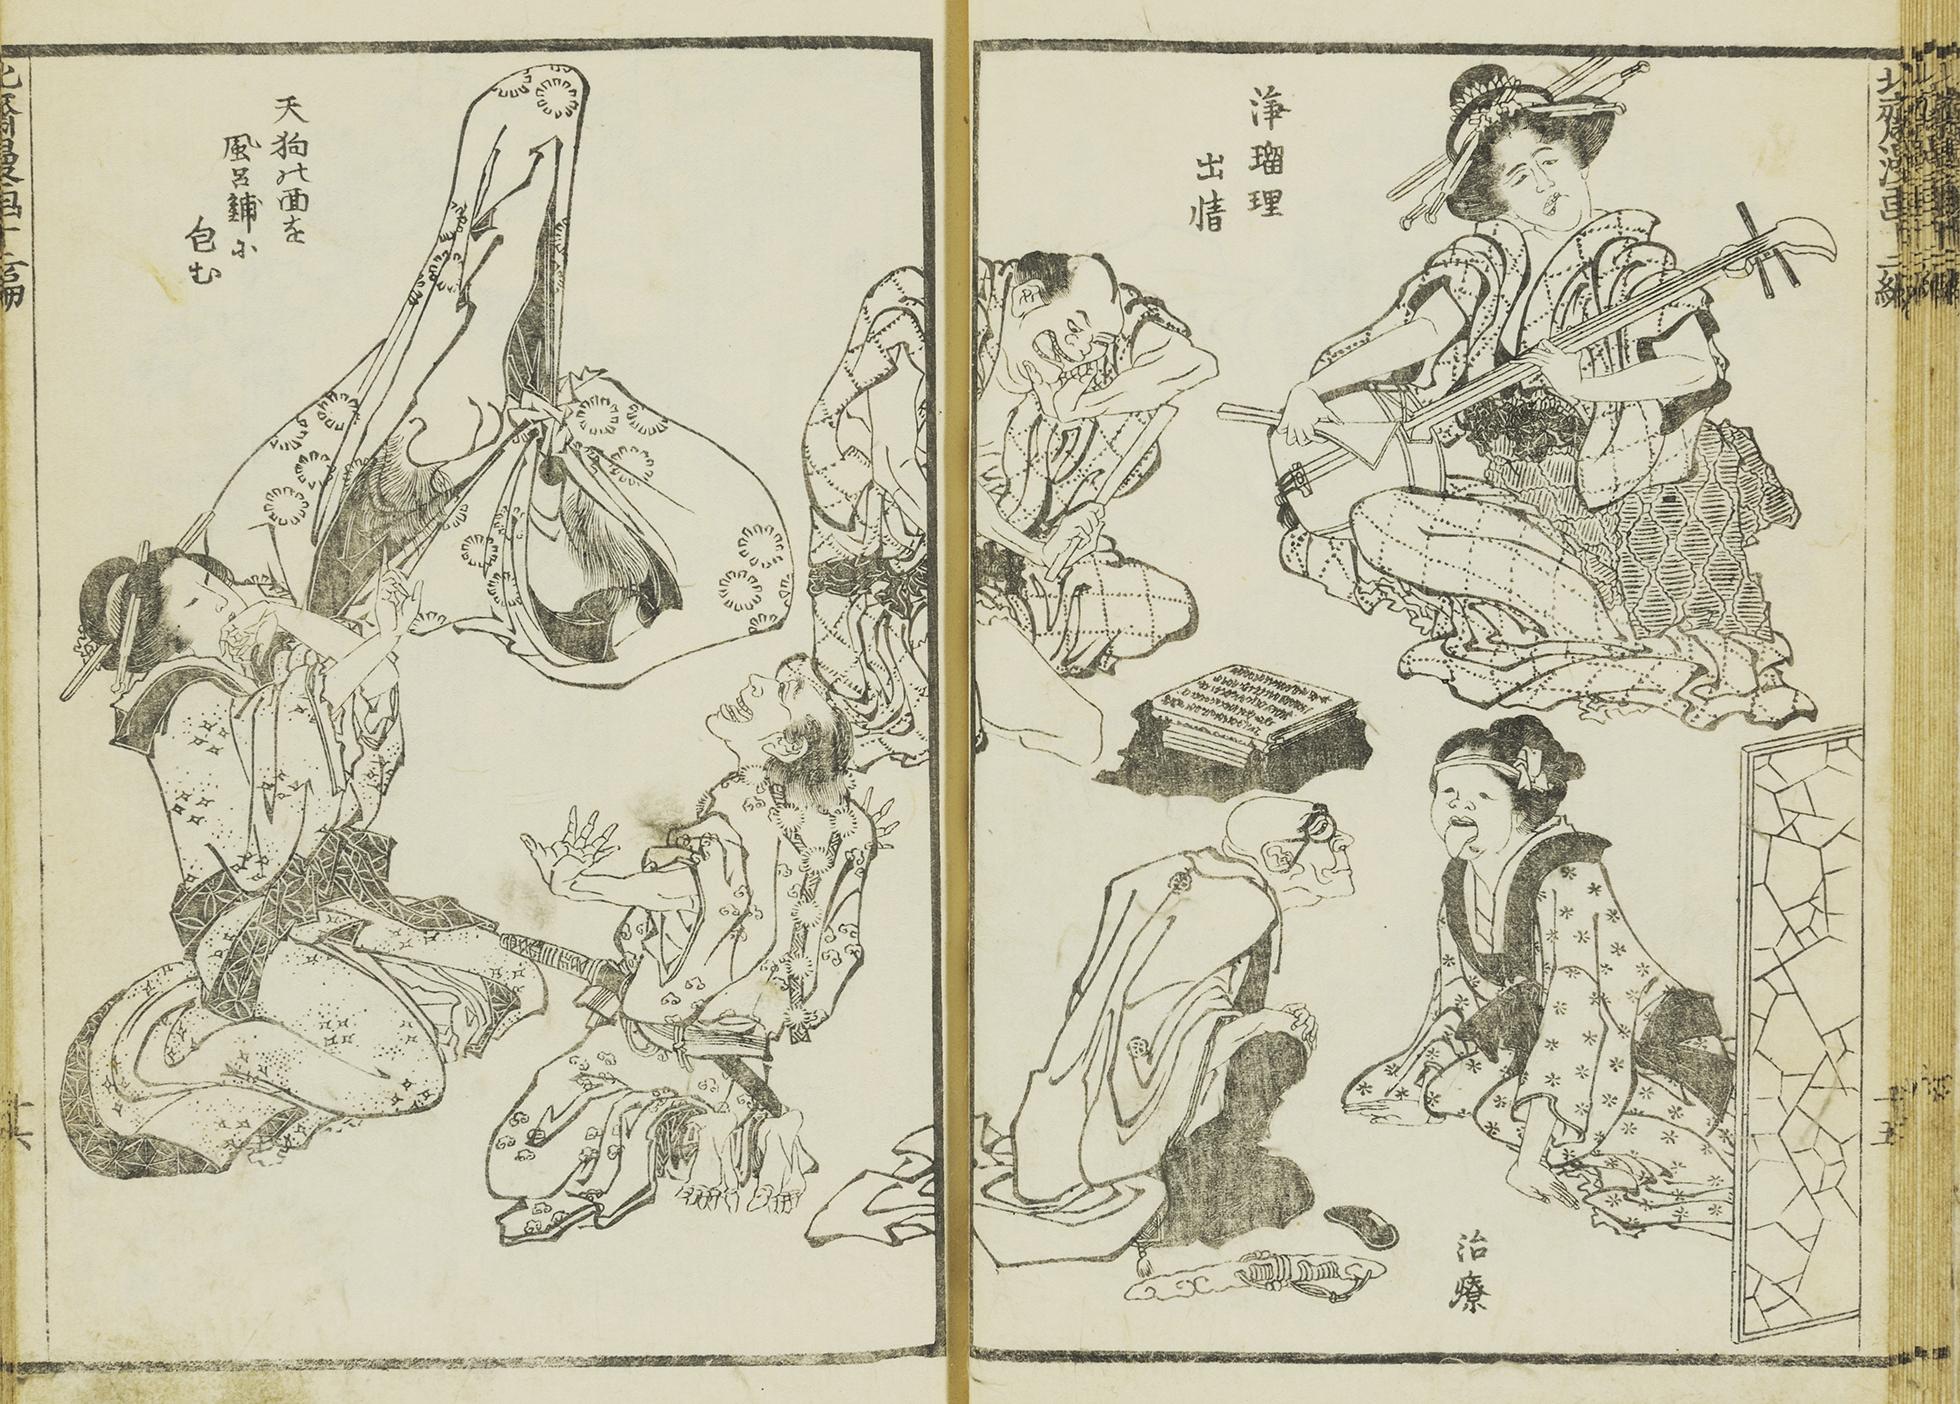 Hokusai-manga-blog.jpg